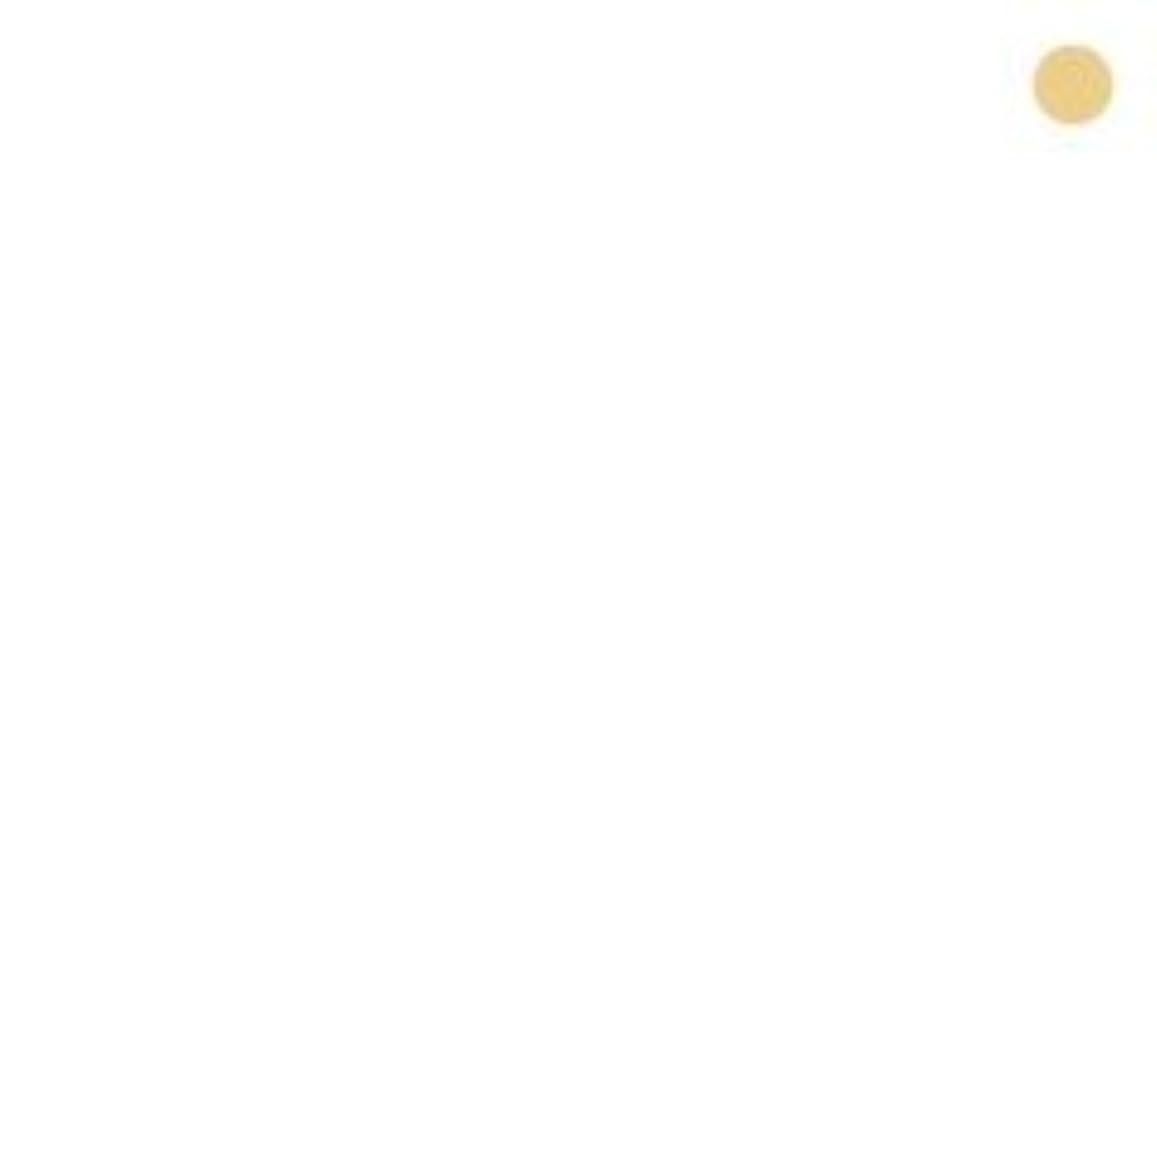 自分の力ですべてをする宿命降雨【カバーマーク】ジャスミーカラー パウダリーファンデーション #YN20 (レフィル)